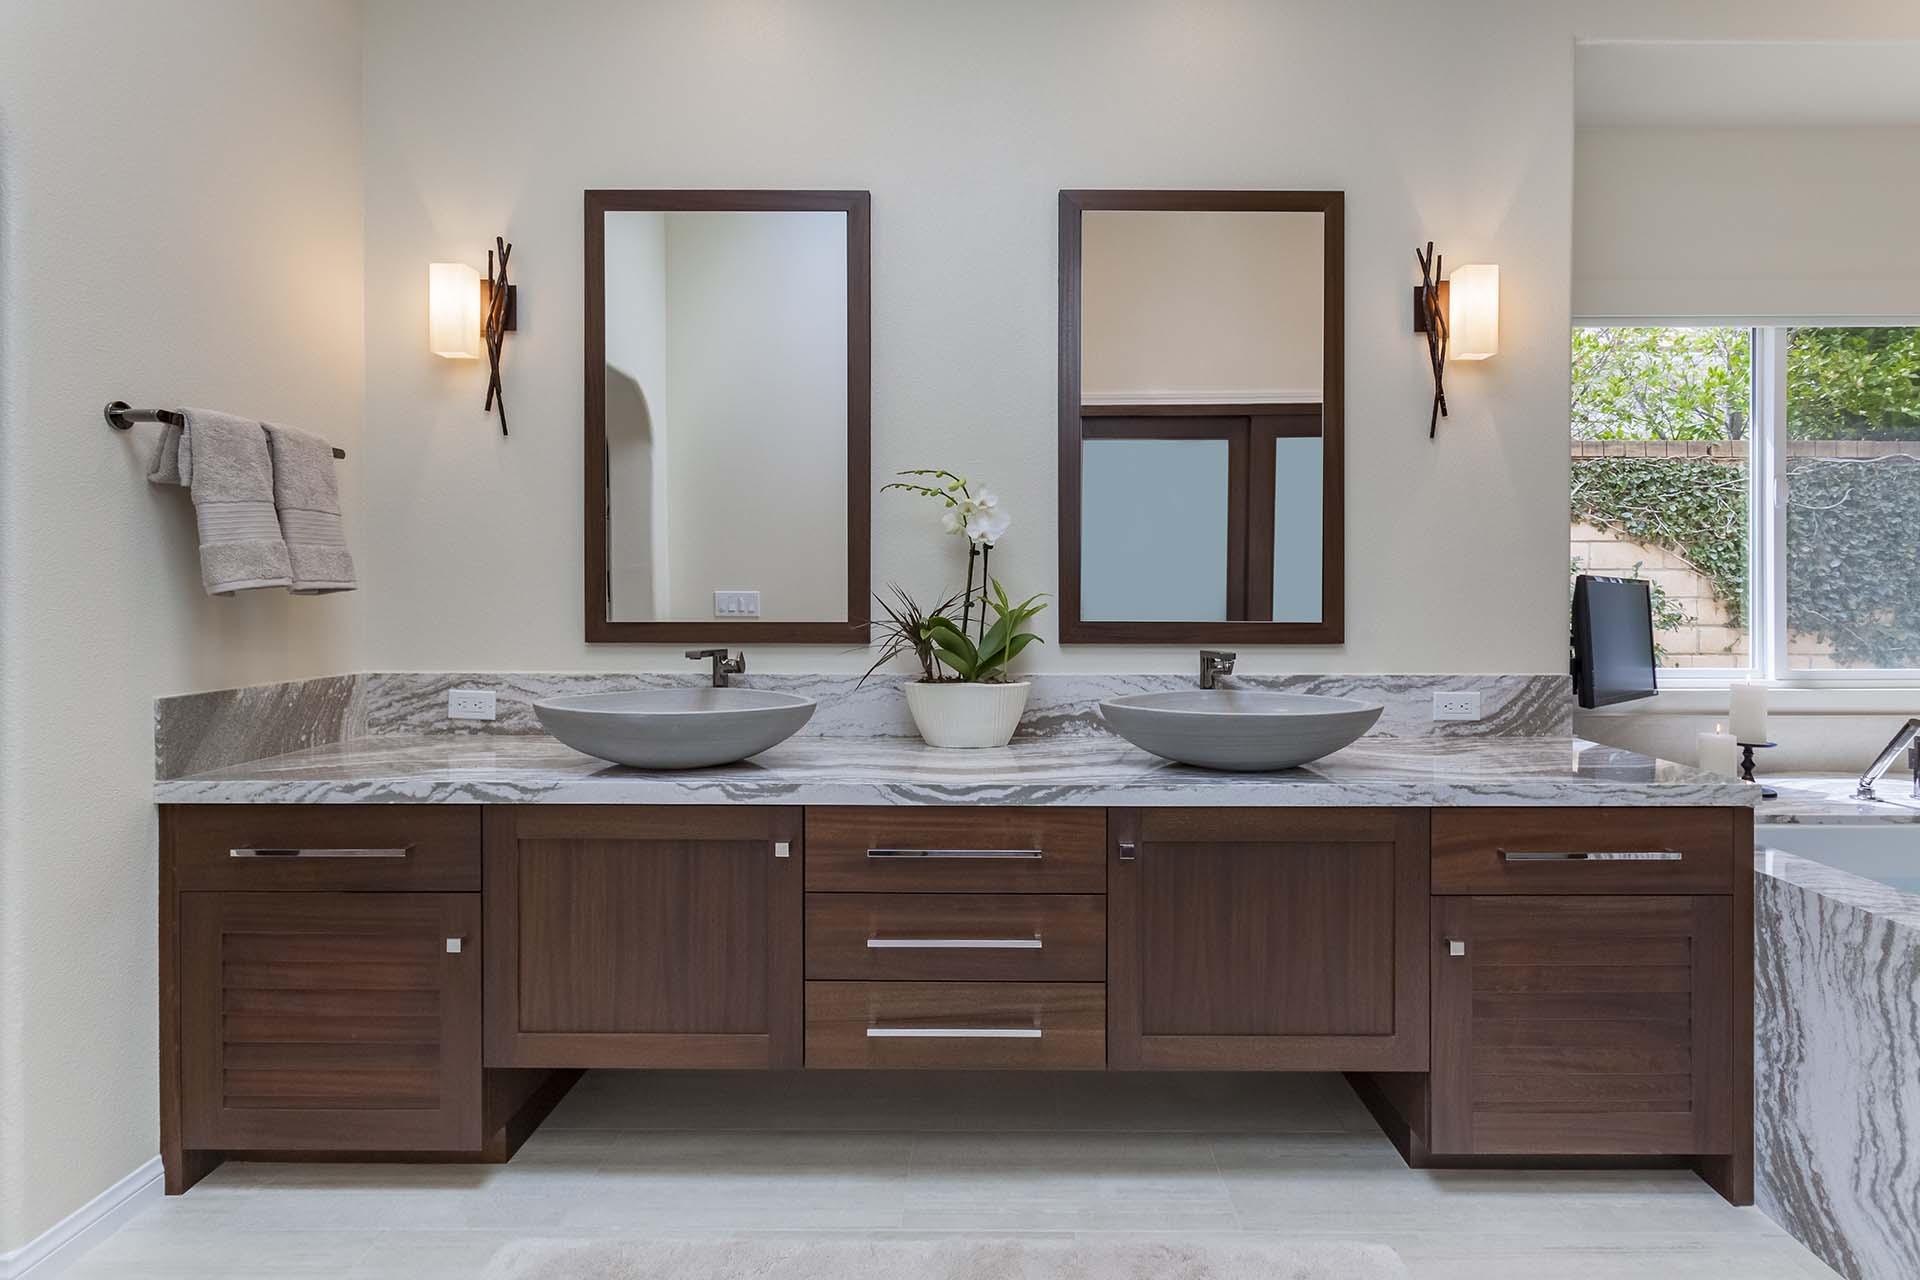 Mahogany Bathroom Cabinetry